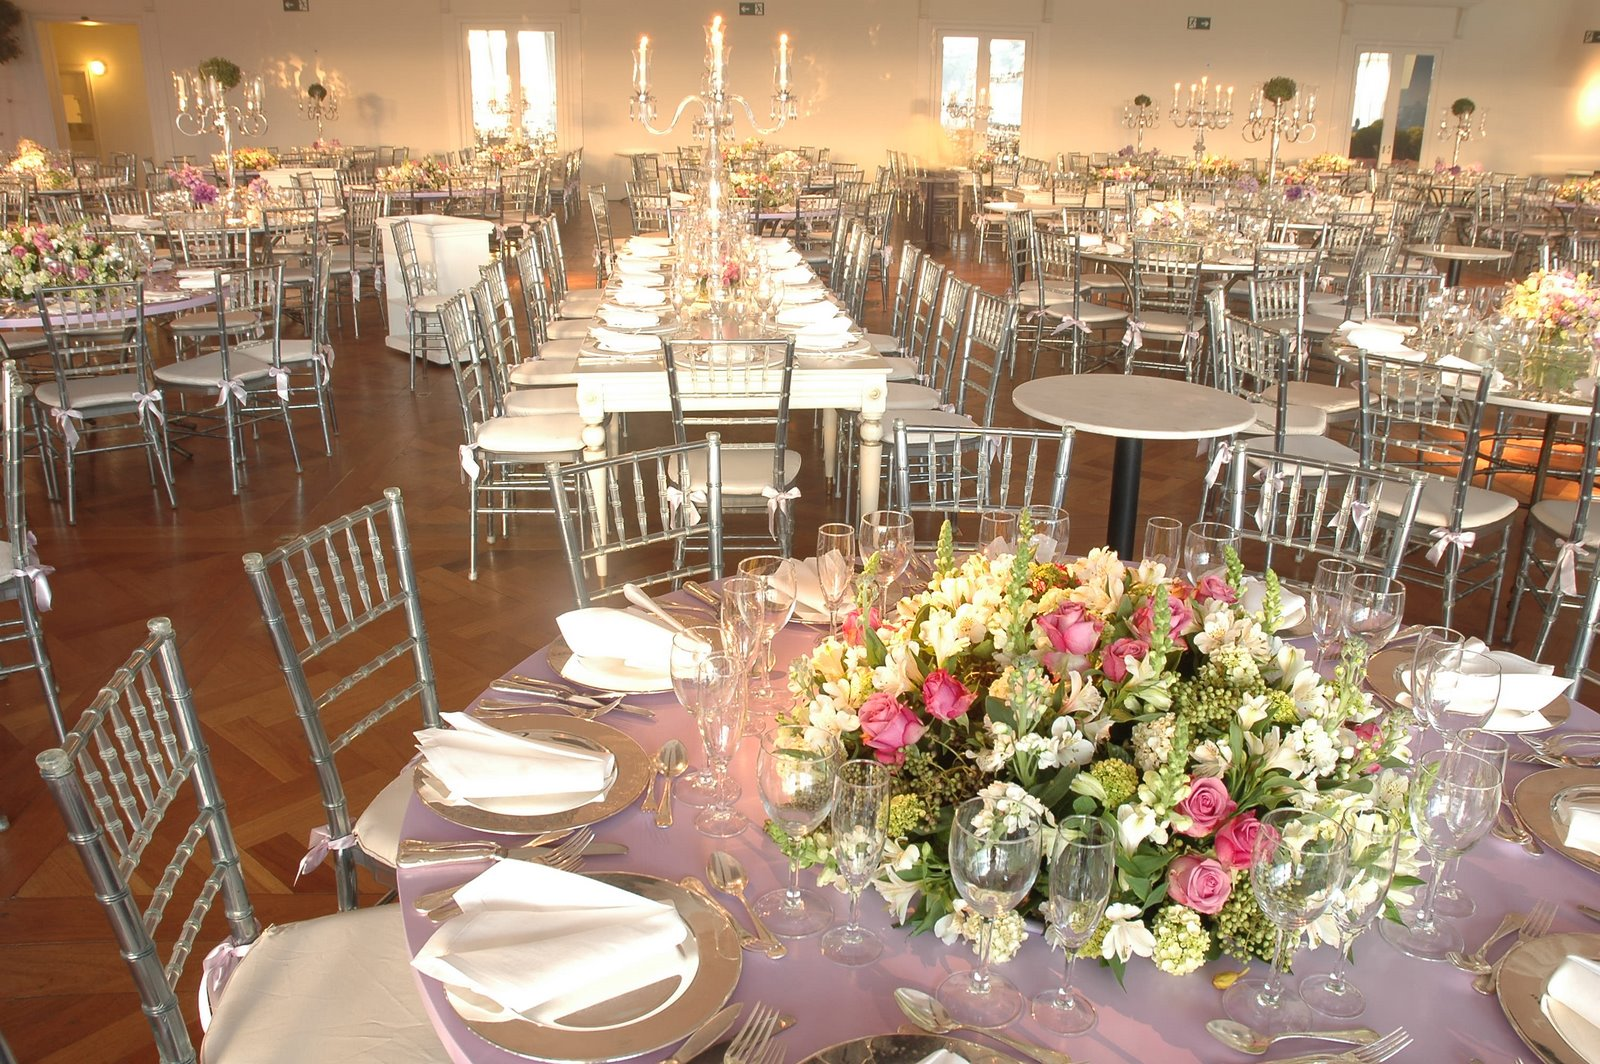 decoracao de casamento que eu posso fazer : decoracao de casamento que eu posso fazer:Decoração para Festa de Casamento com Flores